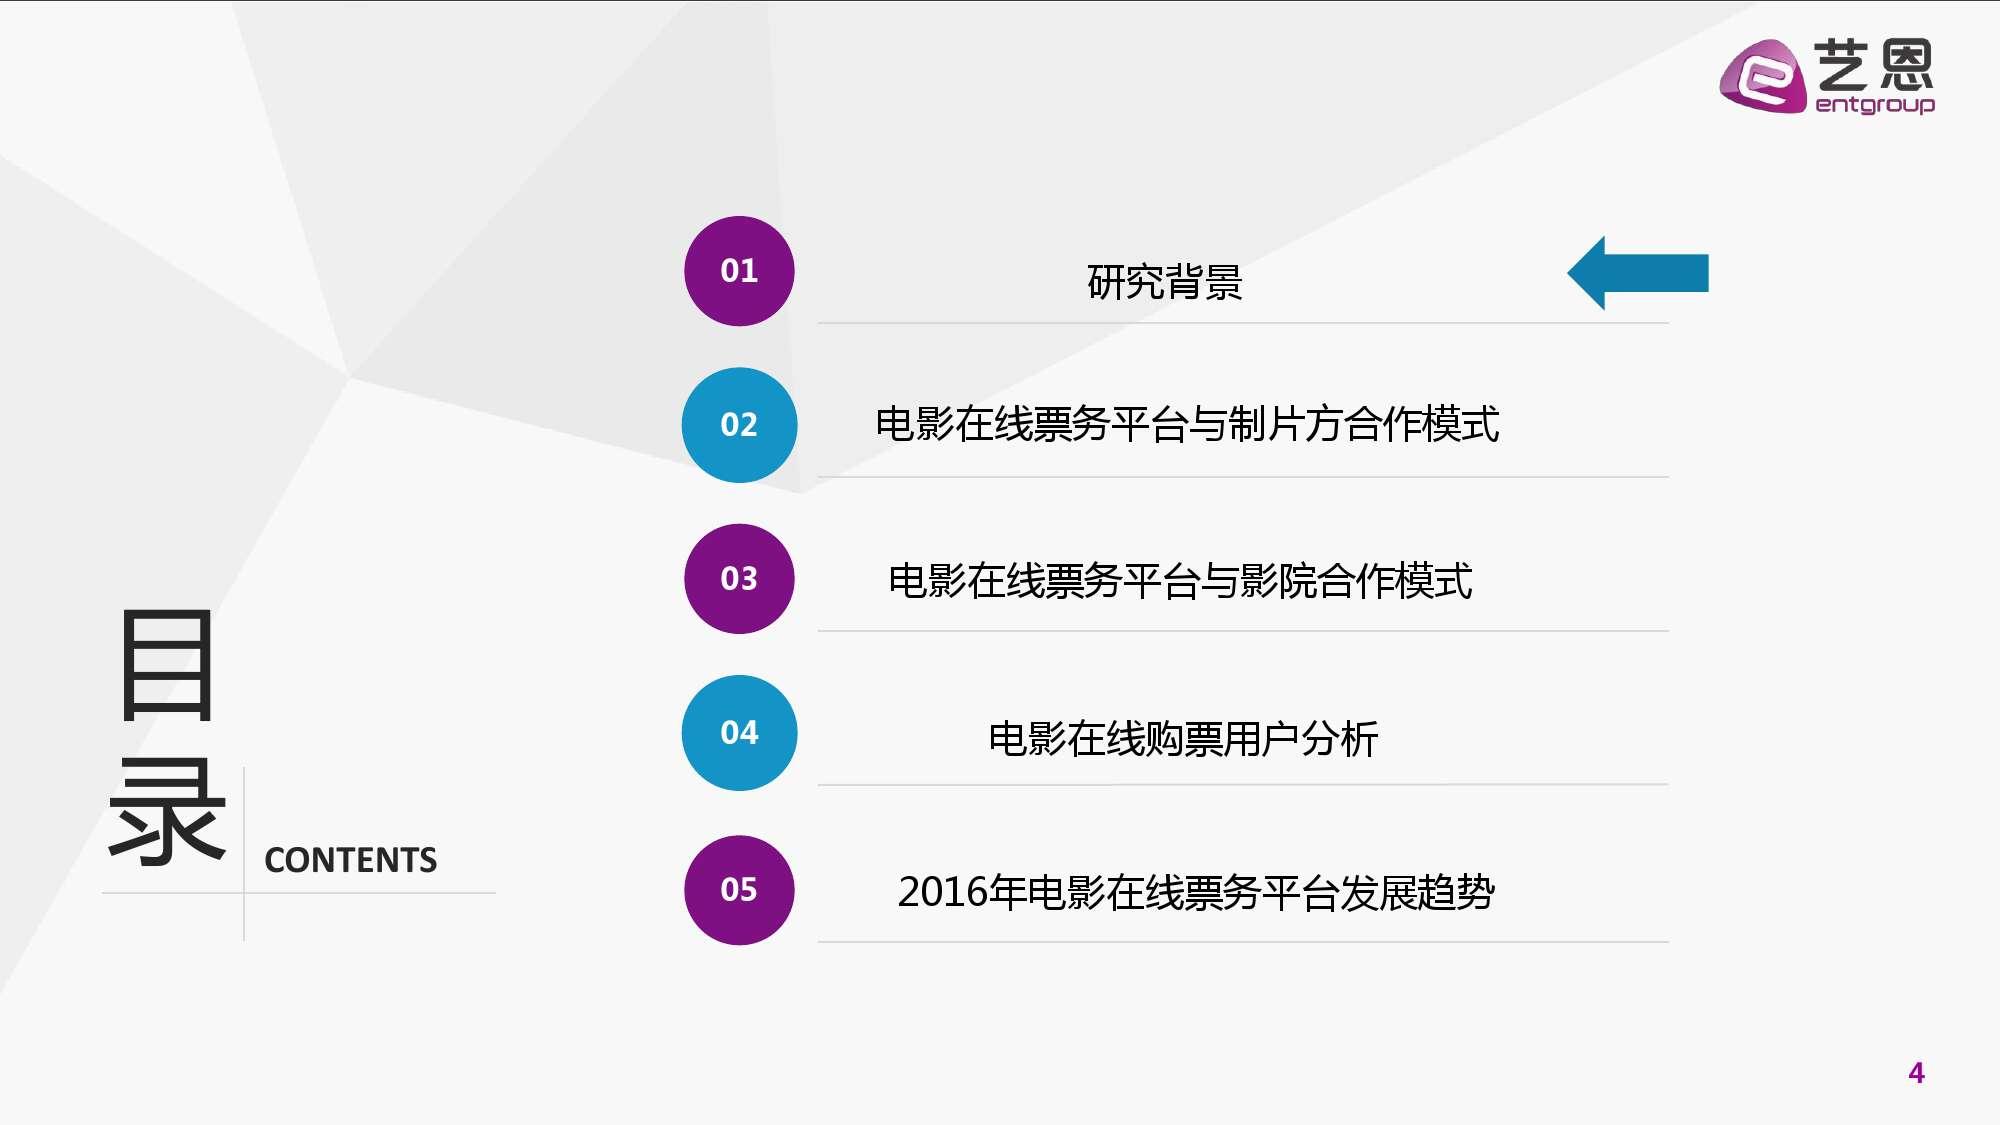 2016年中国电影在线票务市场研究报告_000004